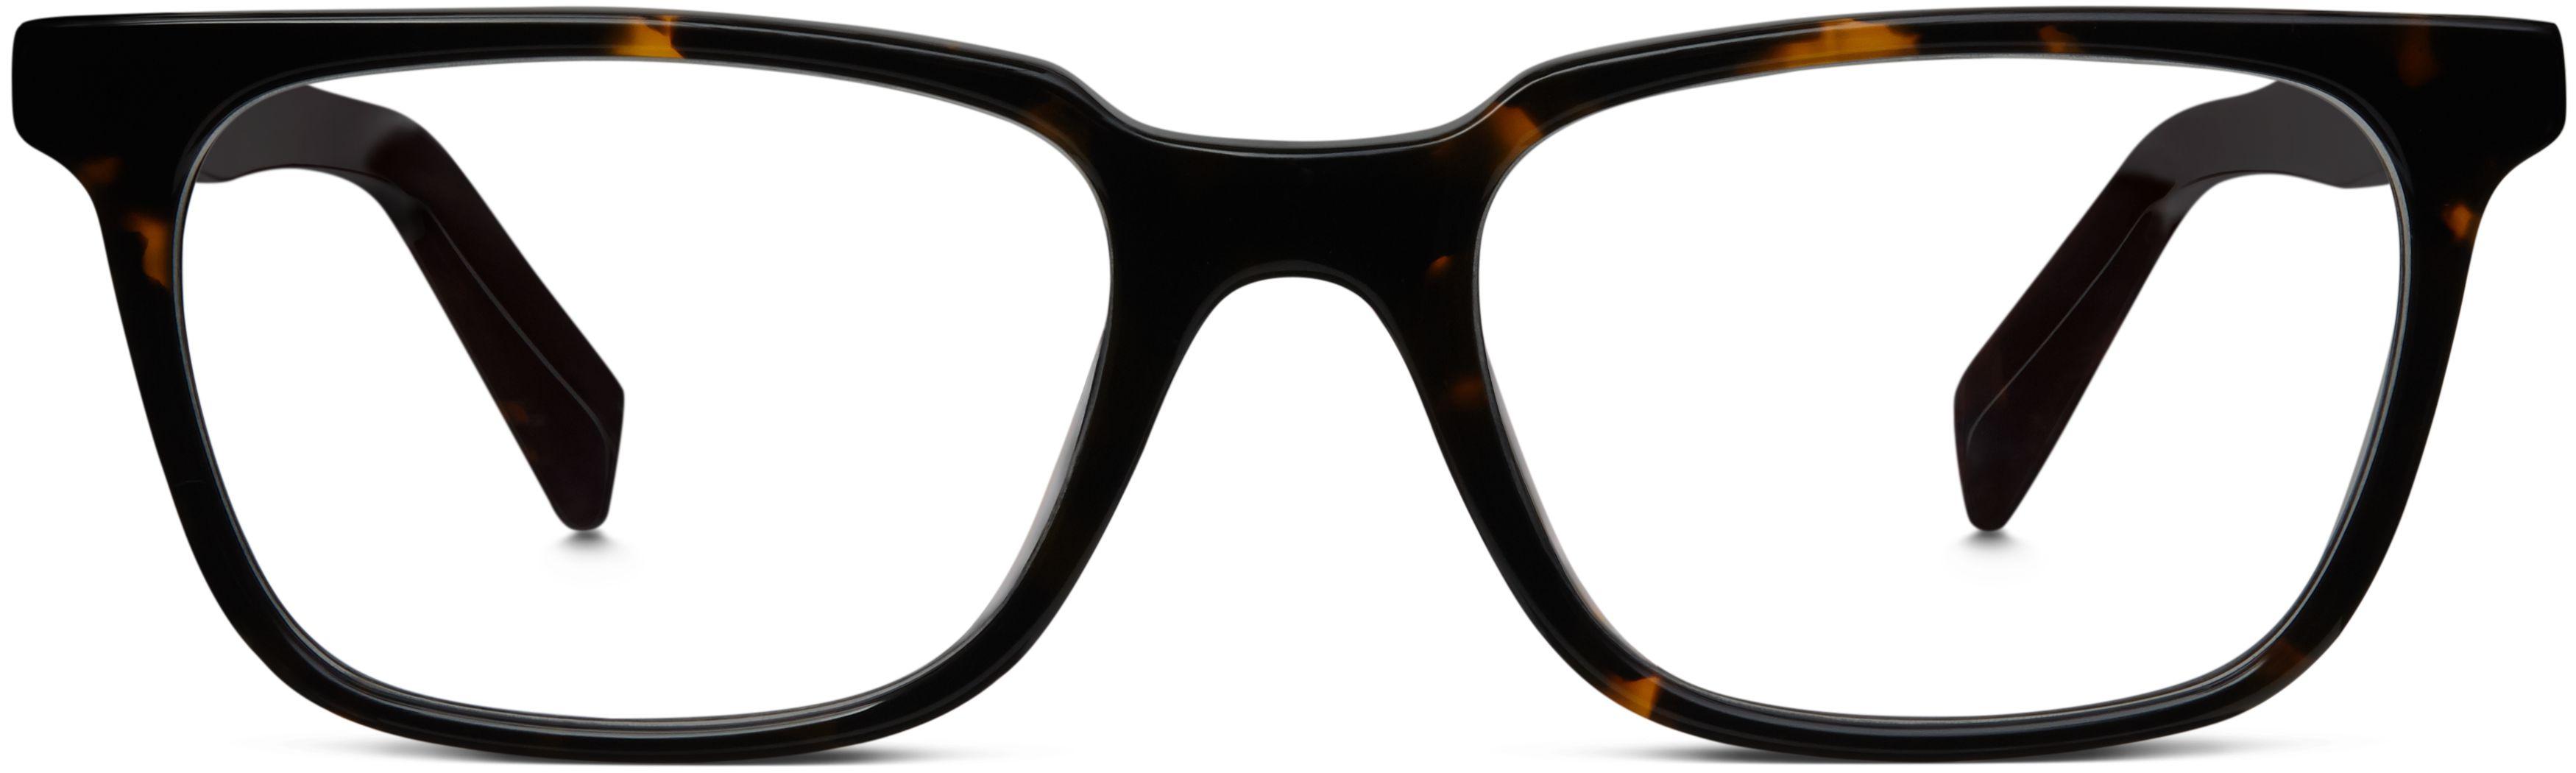 2815120153 Wilder Eyeglasses in Whiskey Tortoise for Women